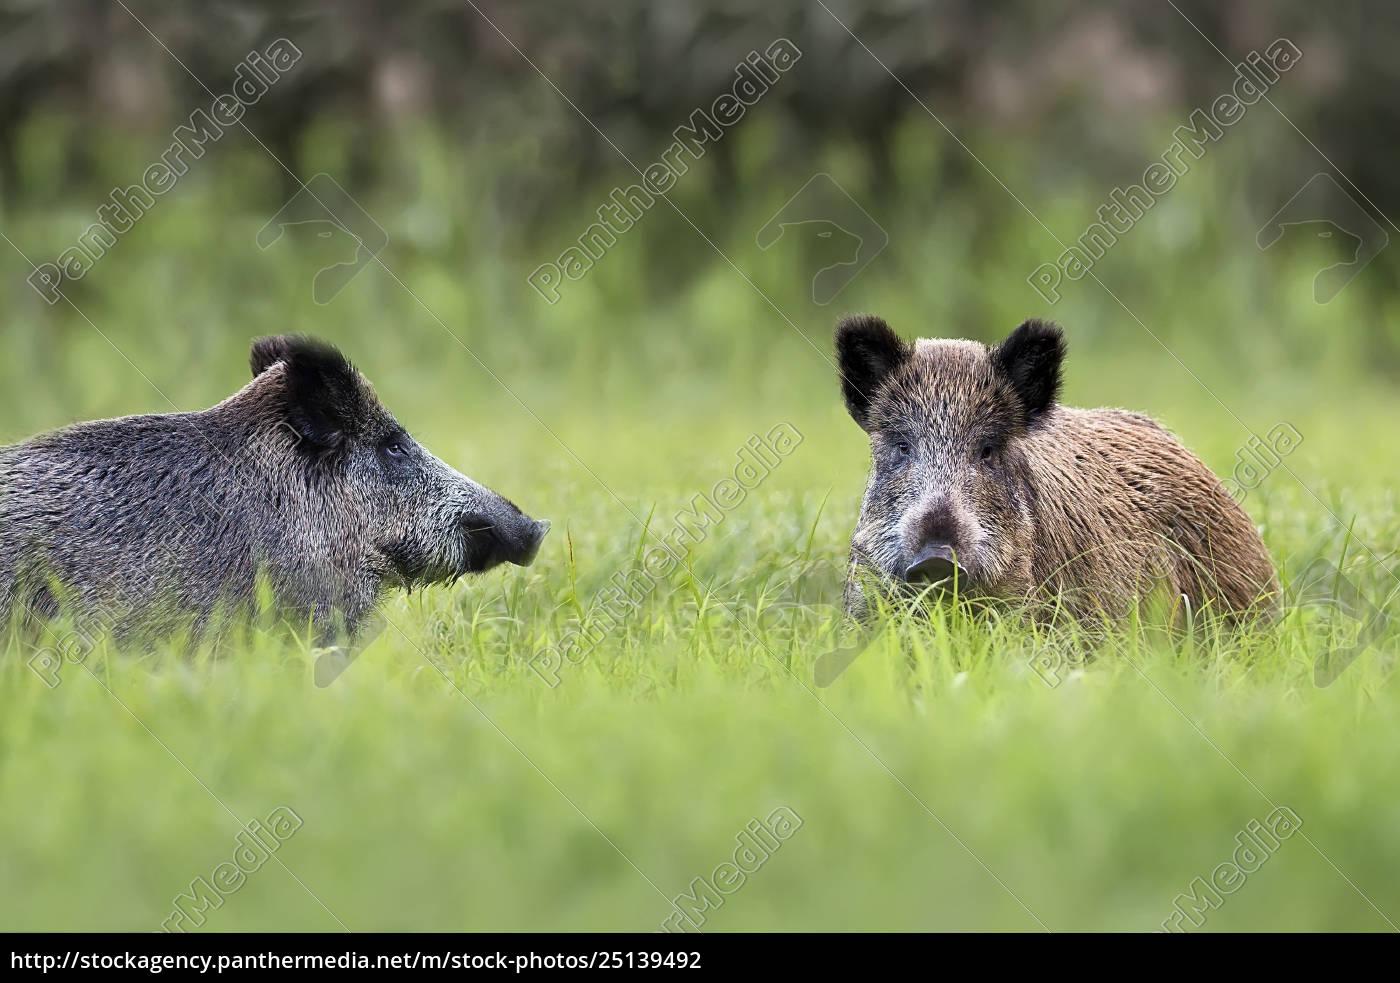 wildschweine, in, einer, lichtung - 25139492